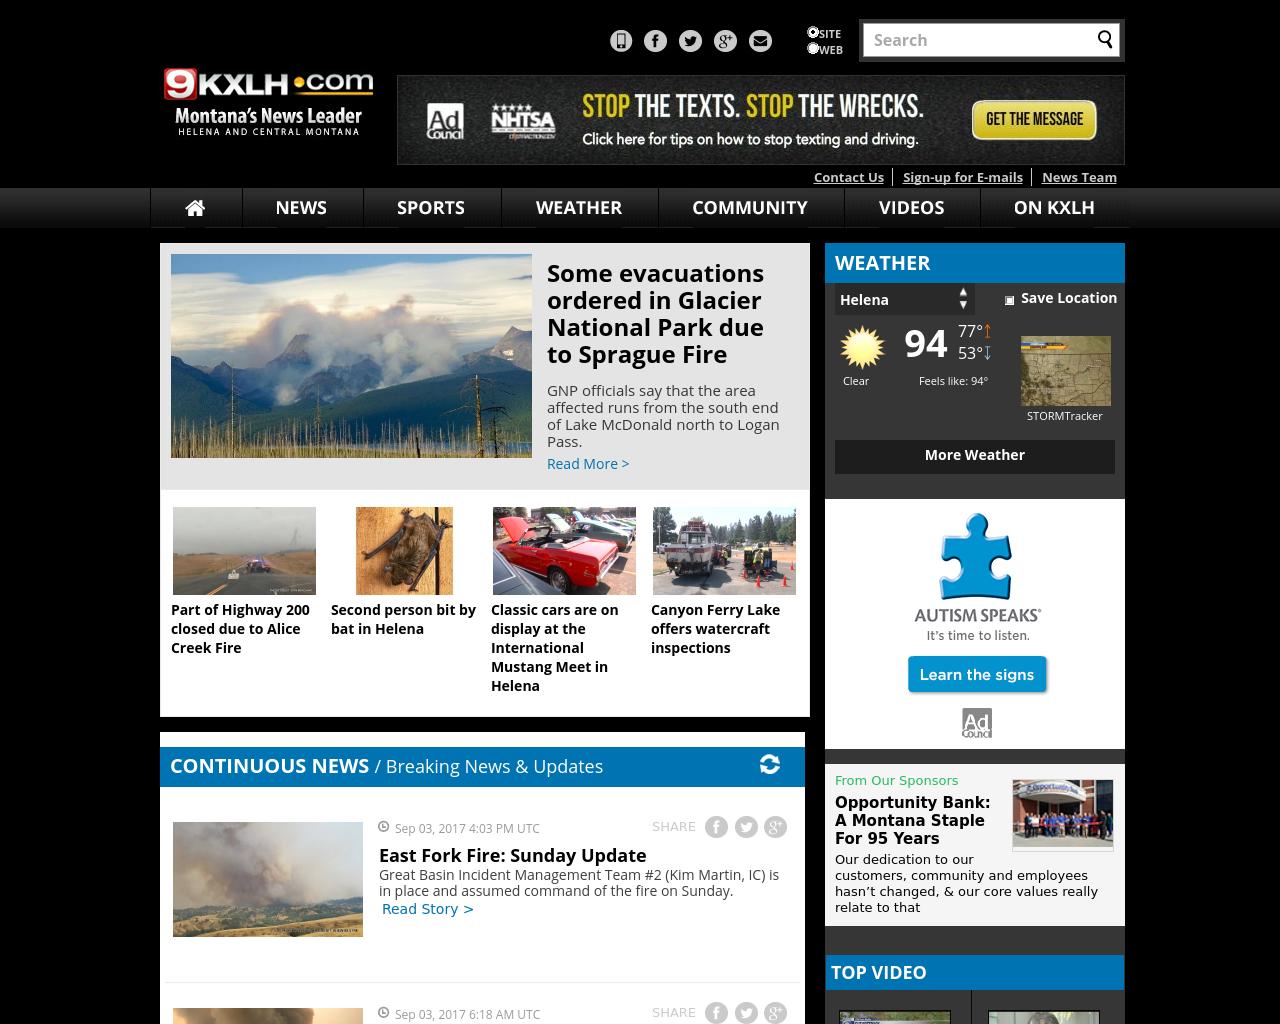 9KXLH-Advertising-Reviews-Pricing